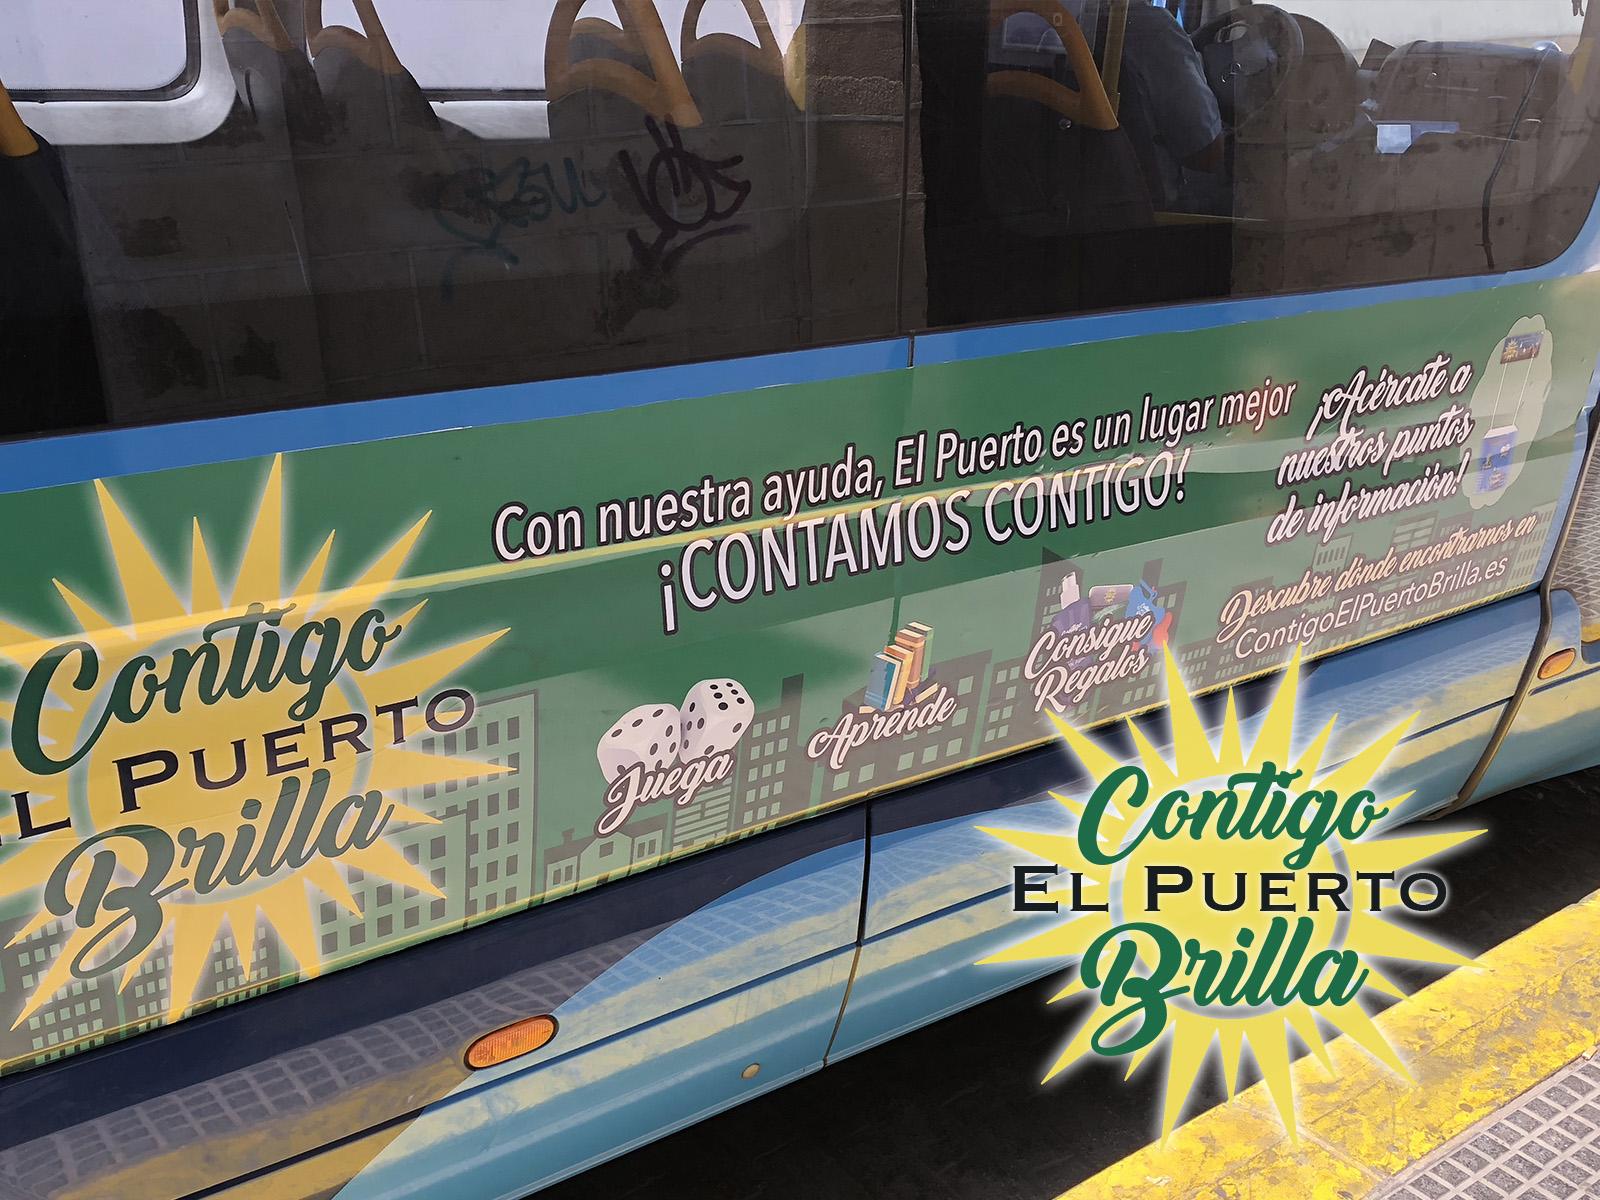 transporte público bus contigo el puerto brilla